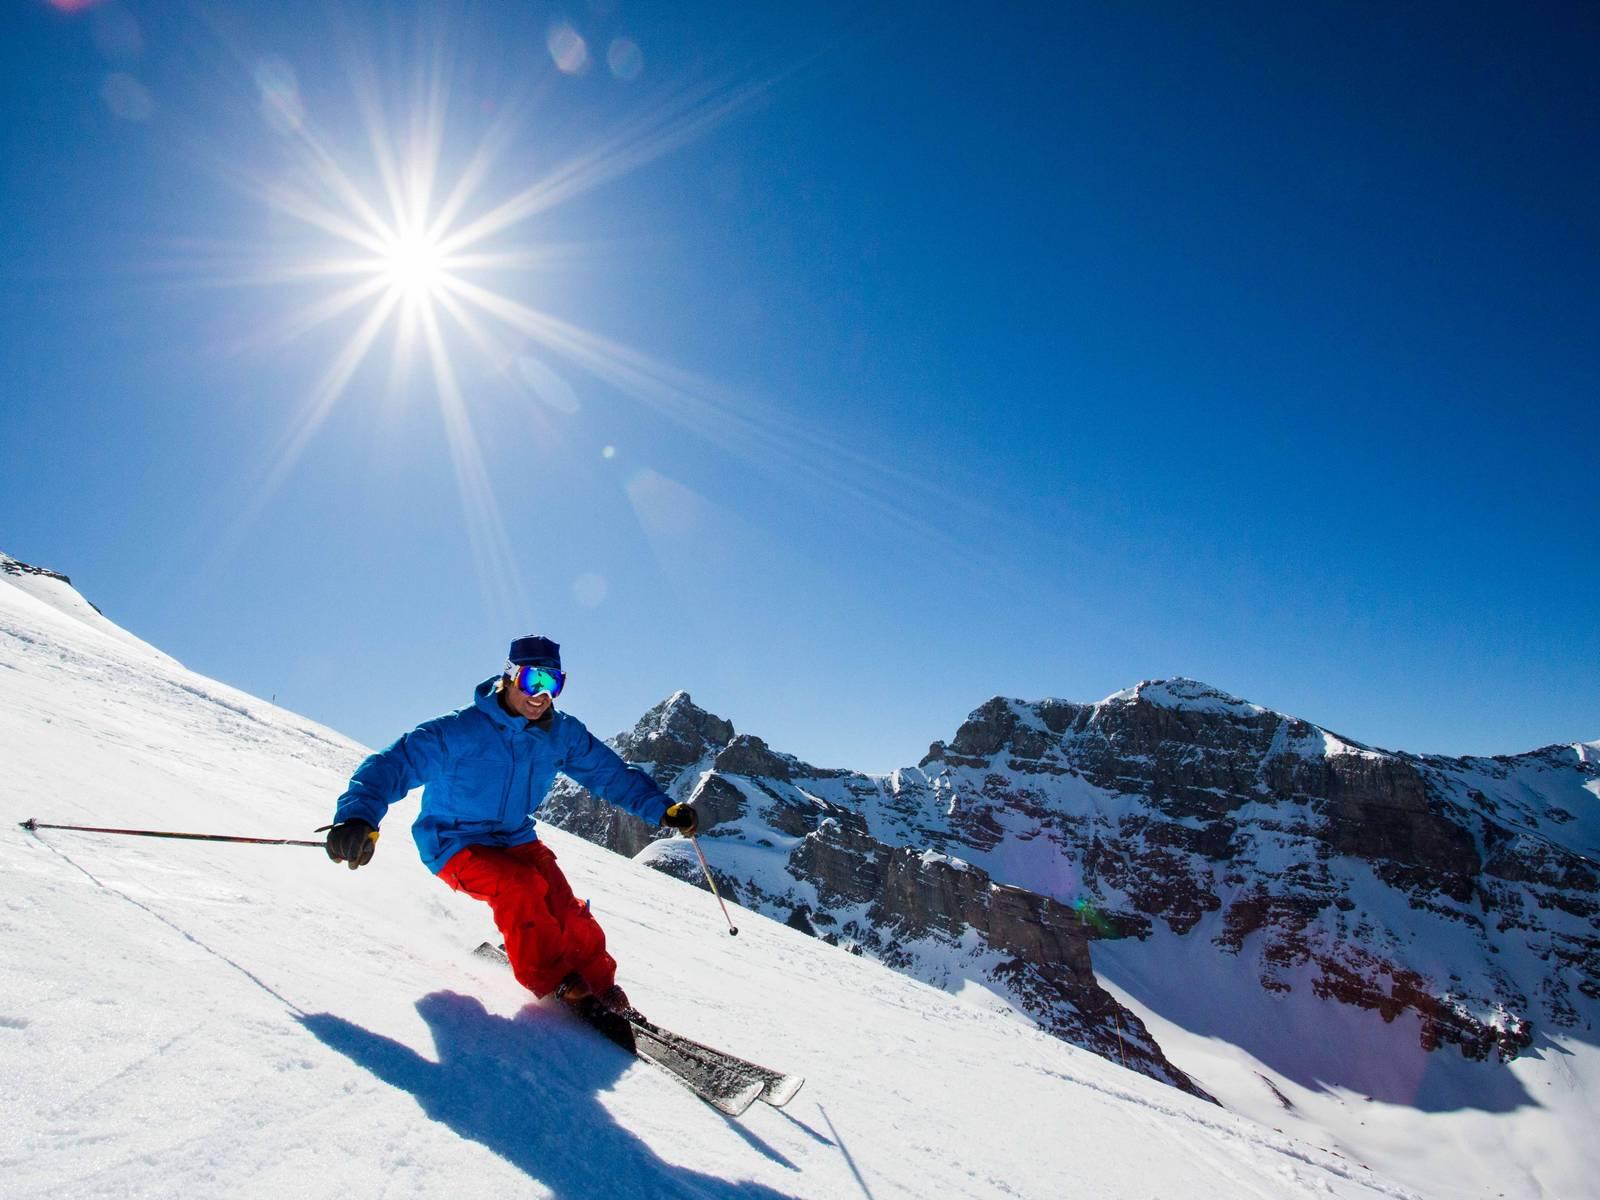 s minaire ski en haute savoie s jour neige cl en main dans les alpes. Black Bedroom Furniture Sets. Home Design Ideas